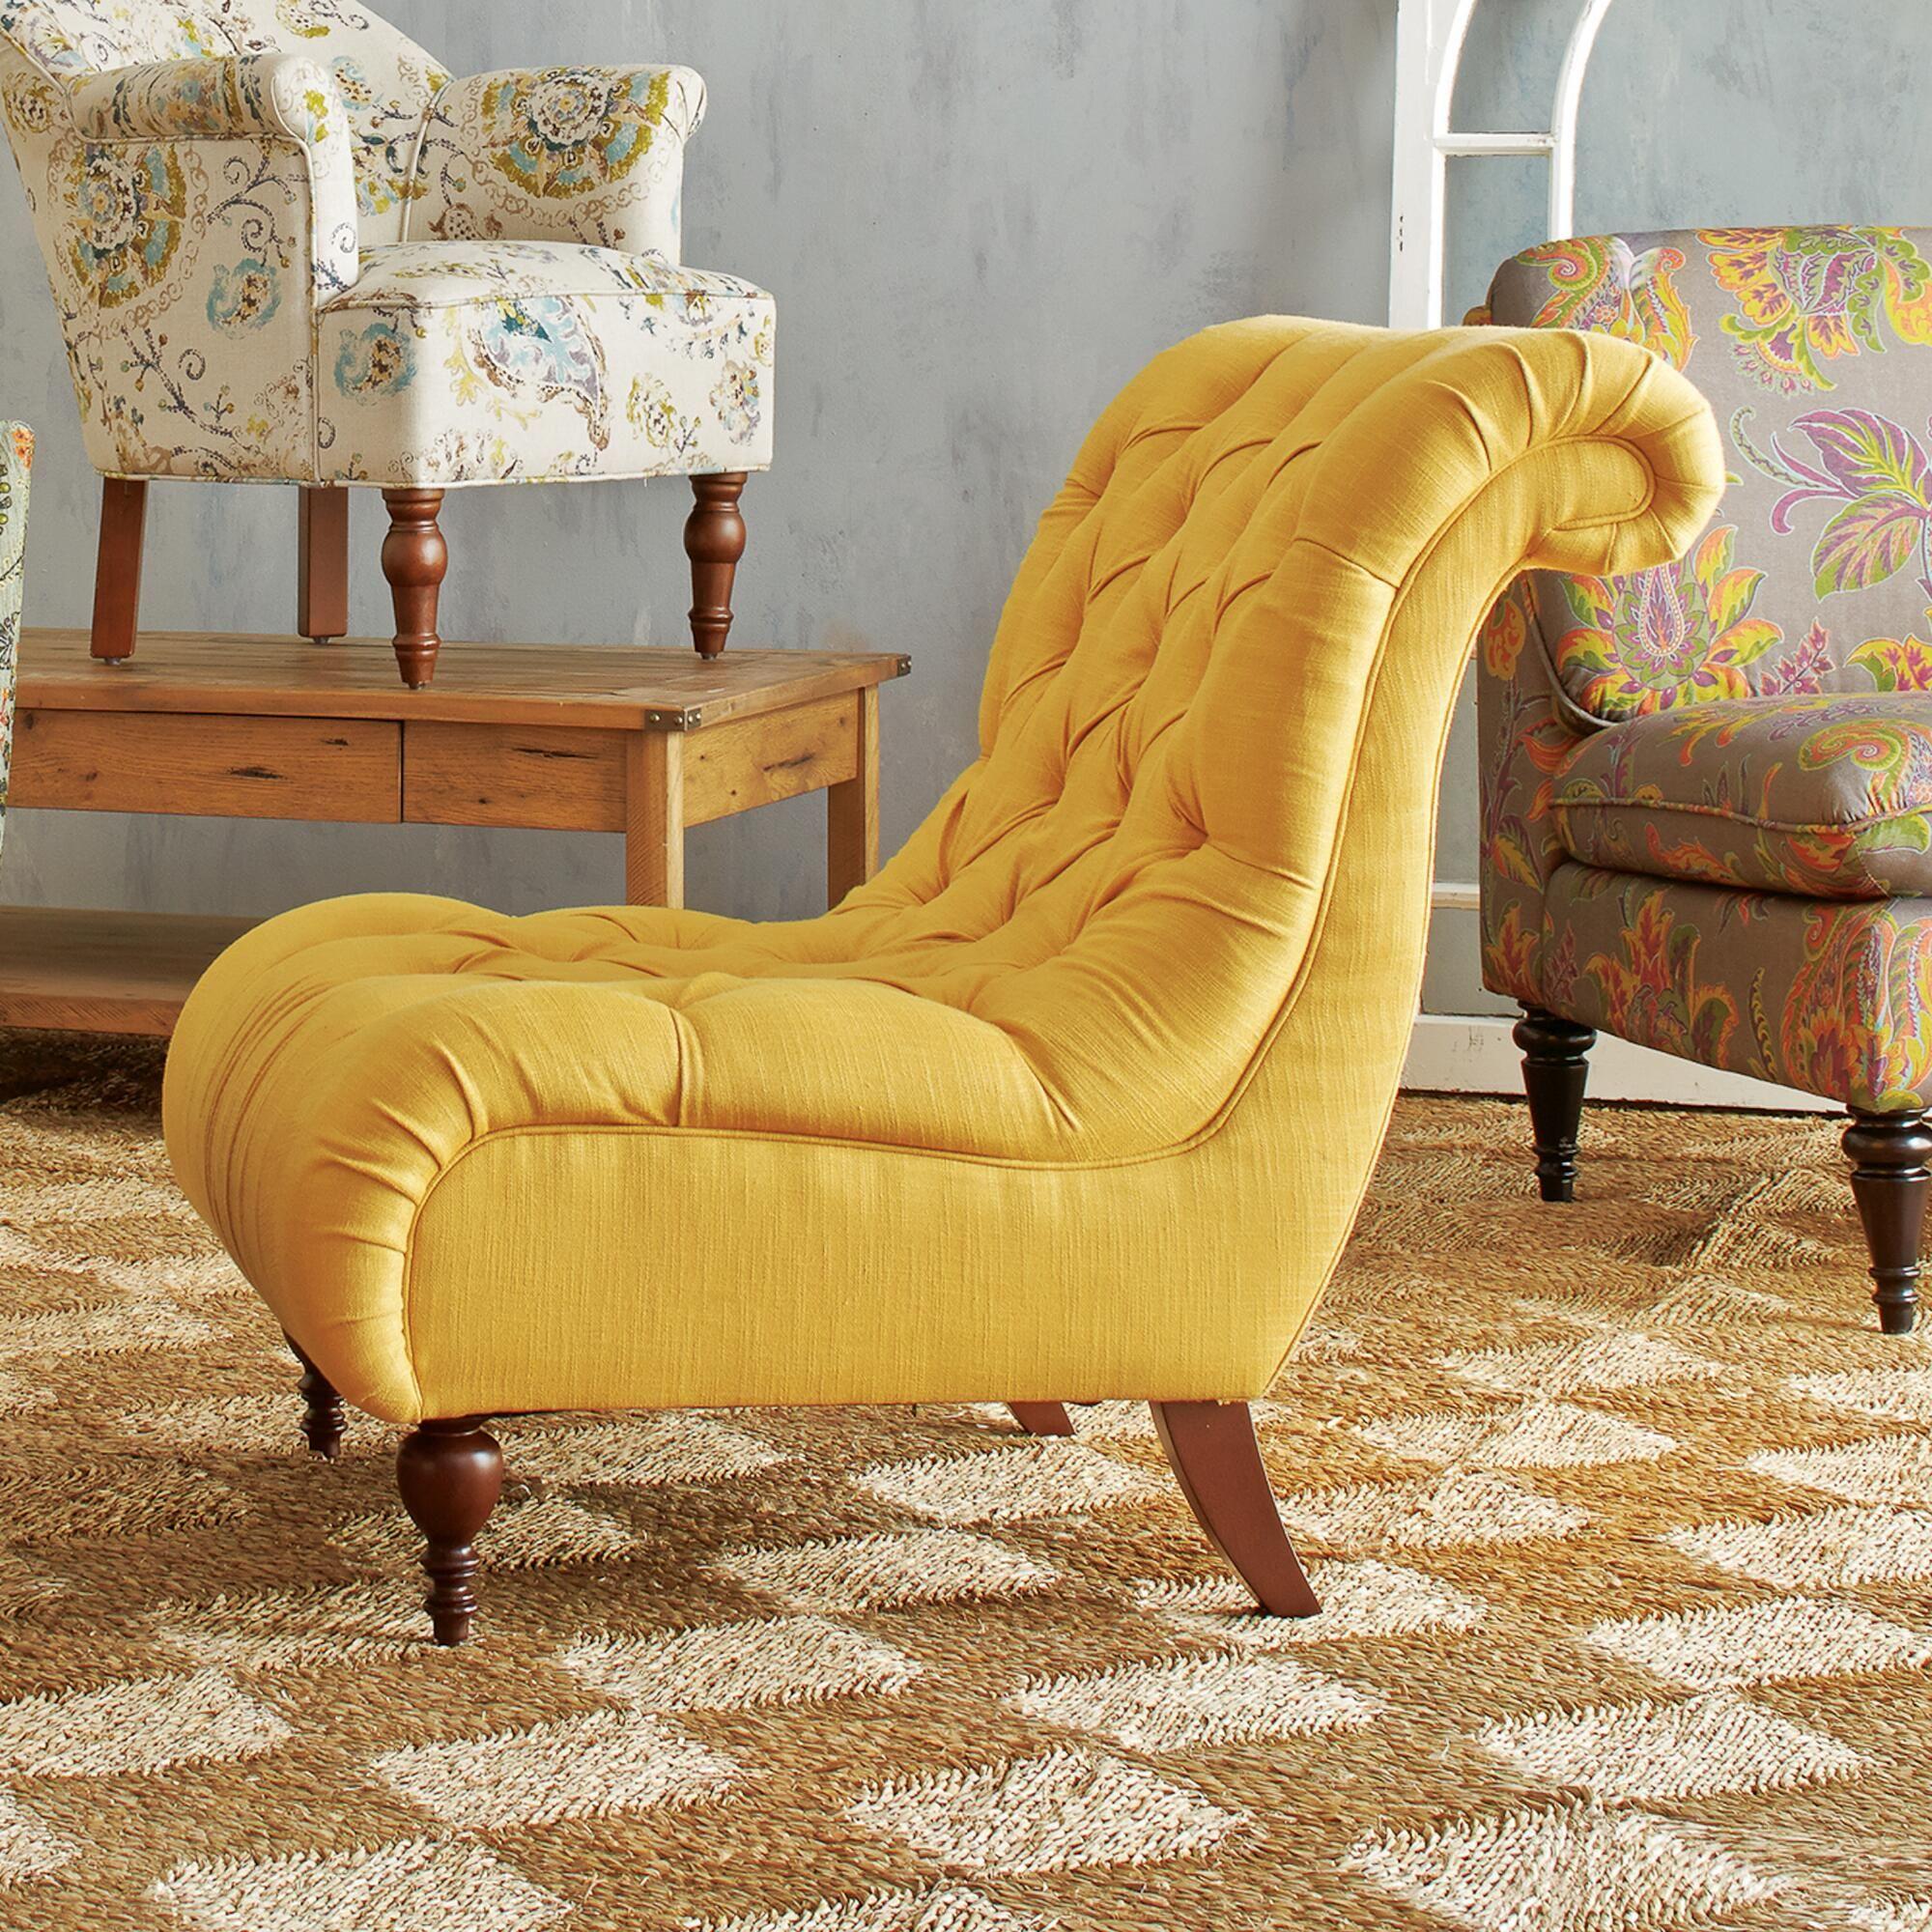 Honey Gold Devon Chair Slipper ChairsWorld MarketAccent ChairsDevonLiving